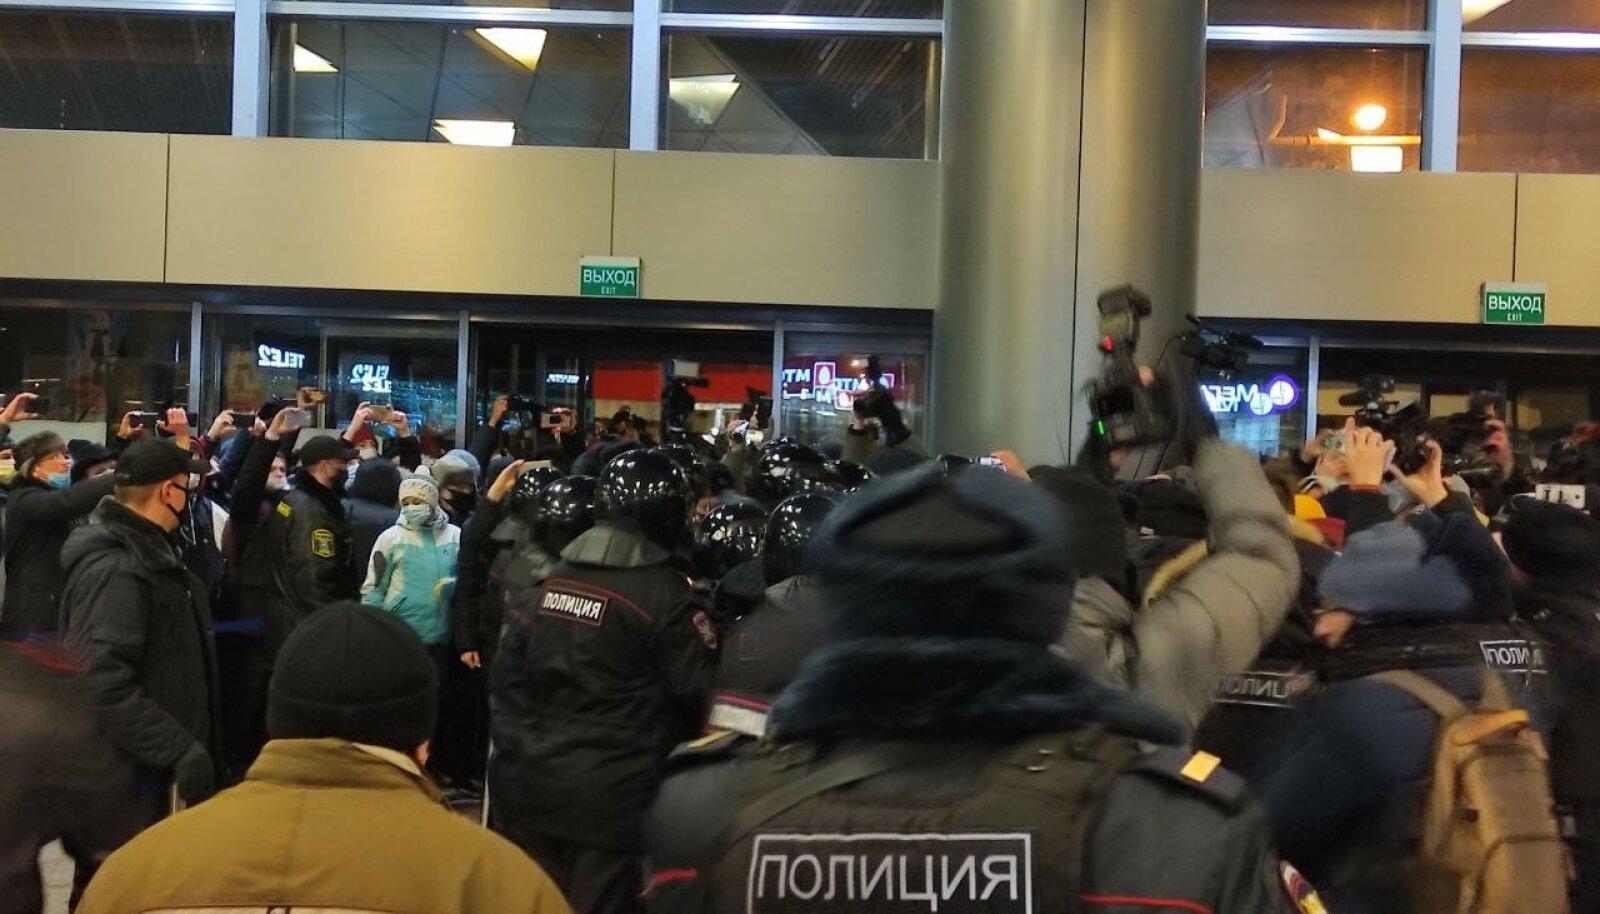 Встреча Навального в Москве